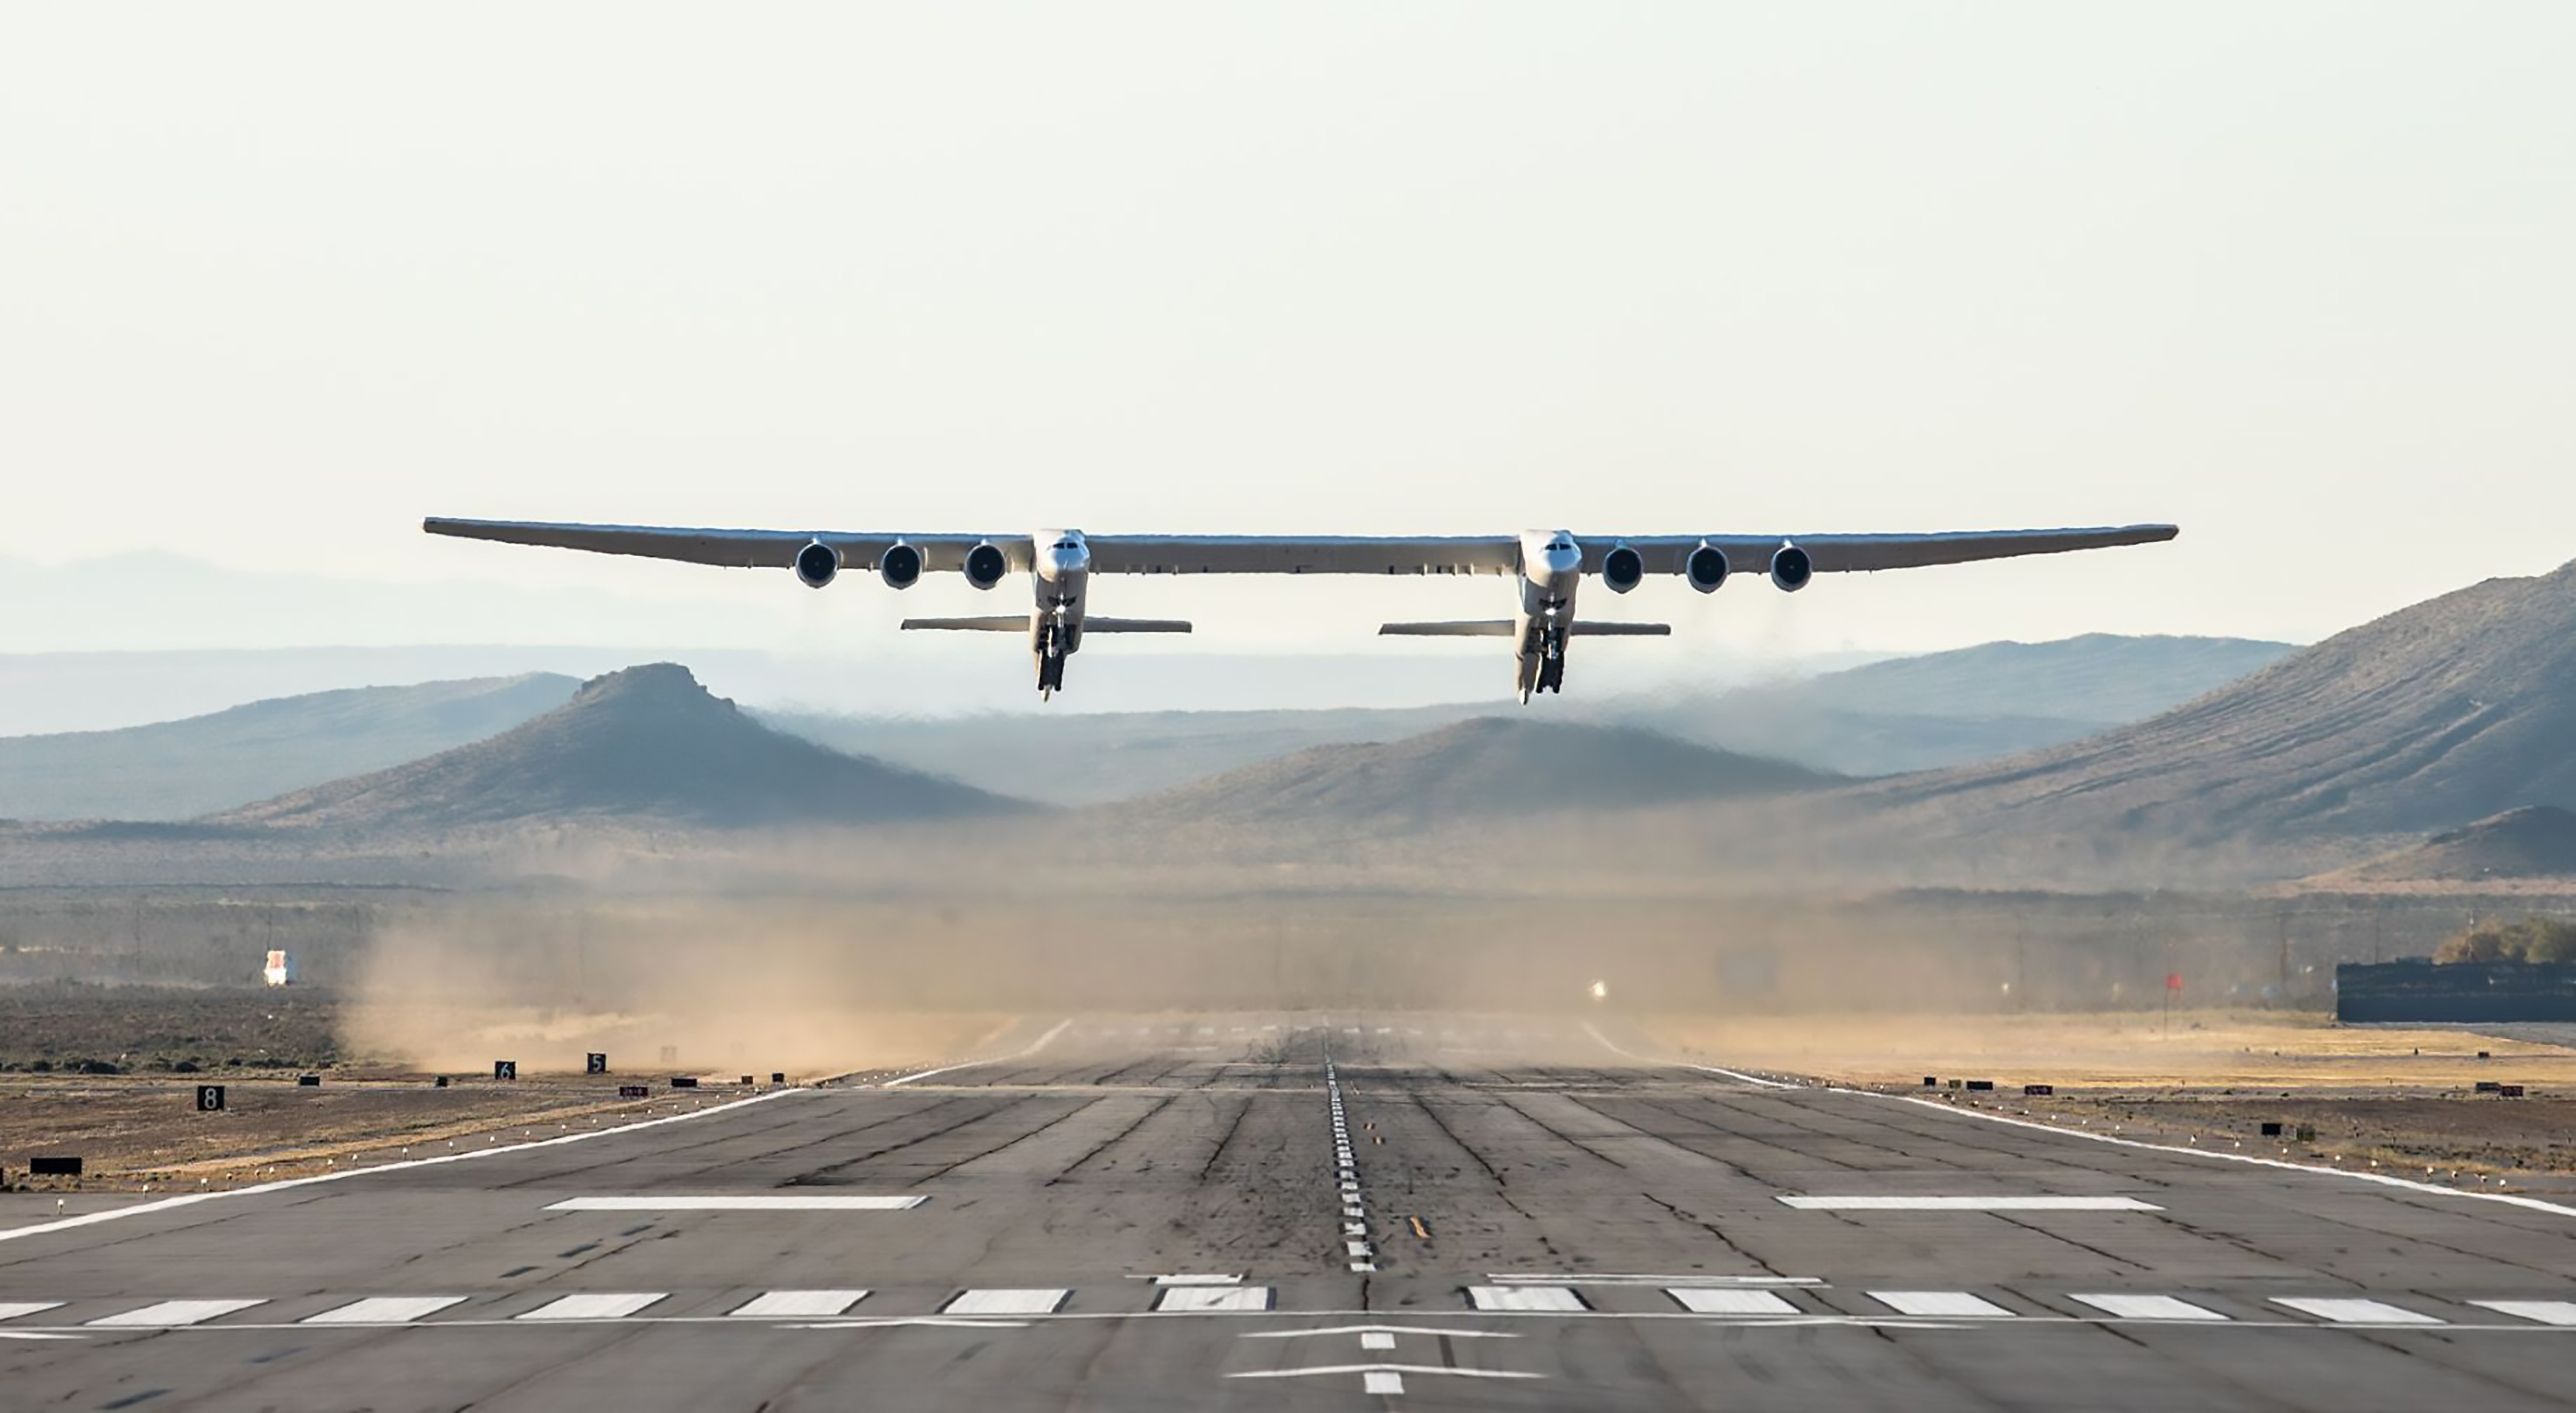 4月13日早上,世界上最大的、獨一無二的飛機Stratolaunch在美國加州莫哈韋(Mojave)沙漠上完成首次試飛。(Handout / Stratolaunch Systems Corp / AFP)